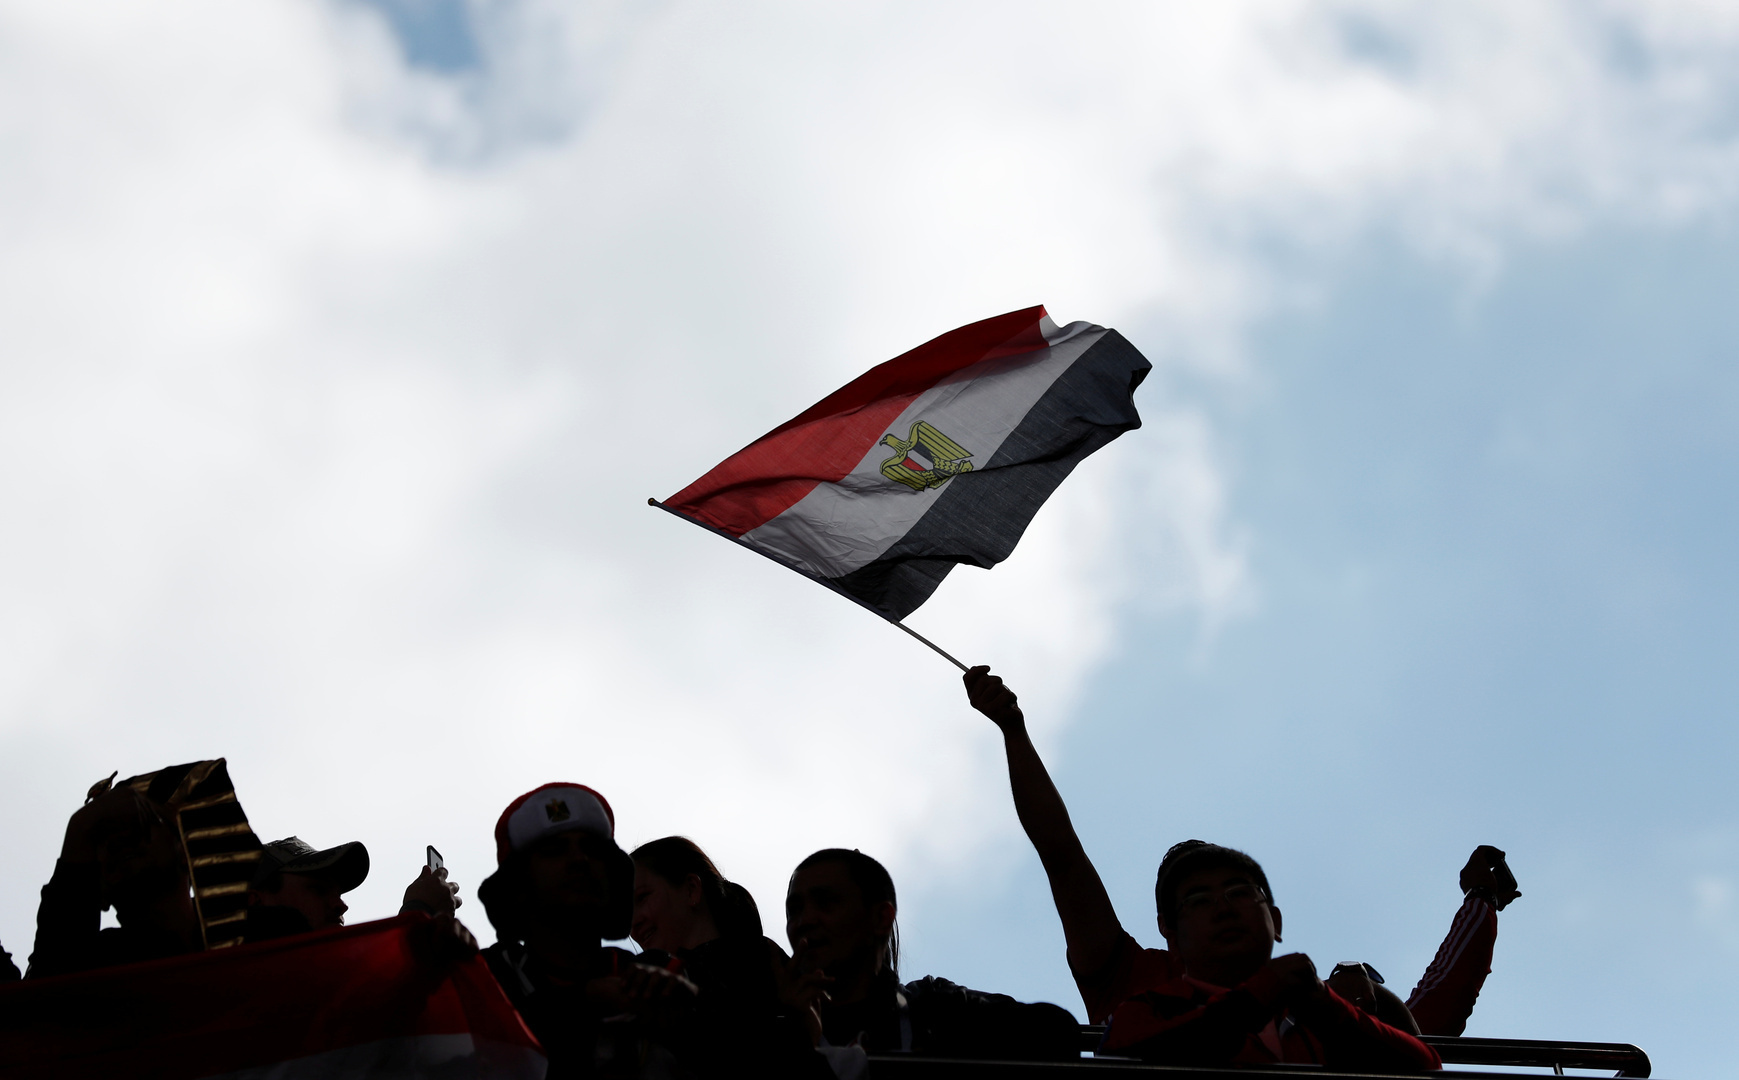 مصر تعلن اقترابها من تحقيق الاكتفاء الذاتي في 3 سلع هامة يستخدمها المواطن يوميا